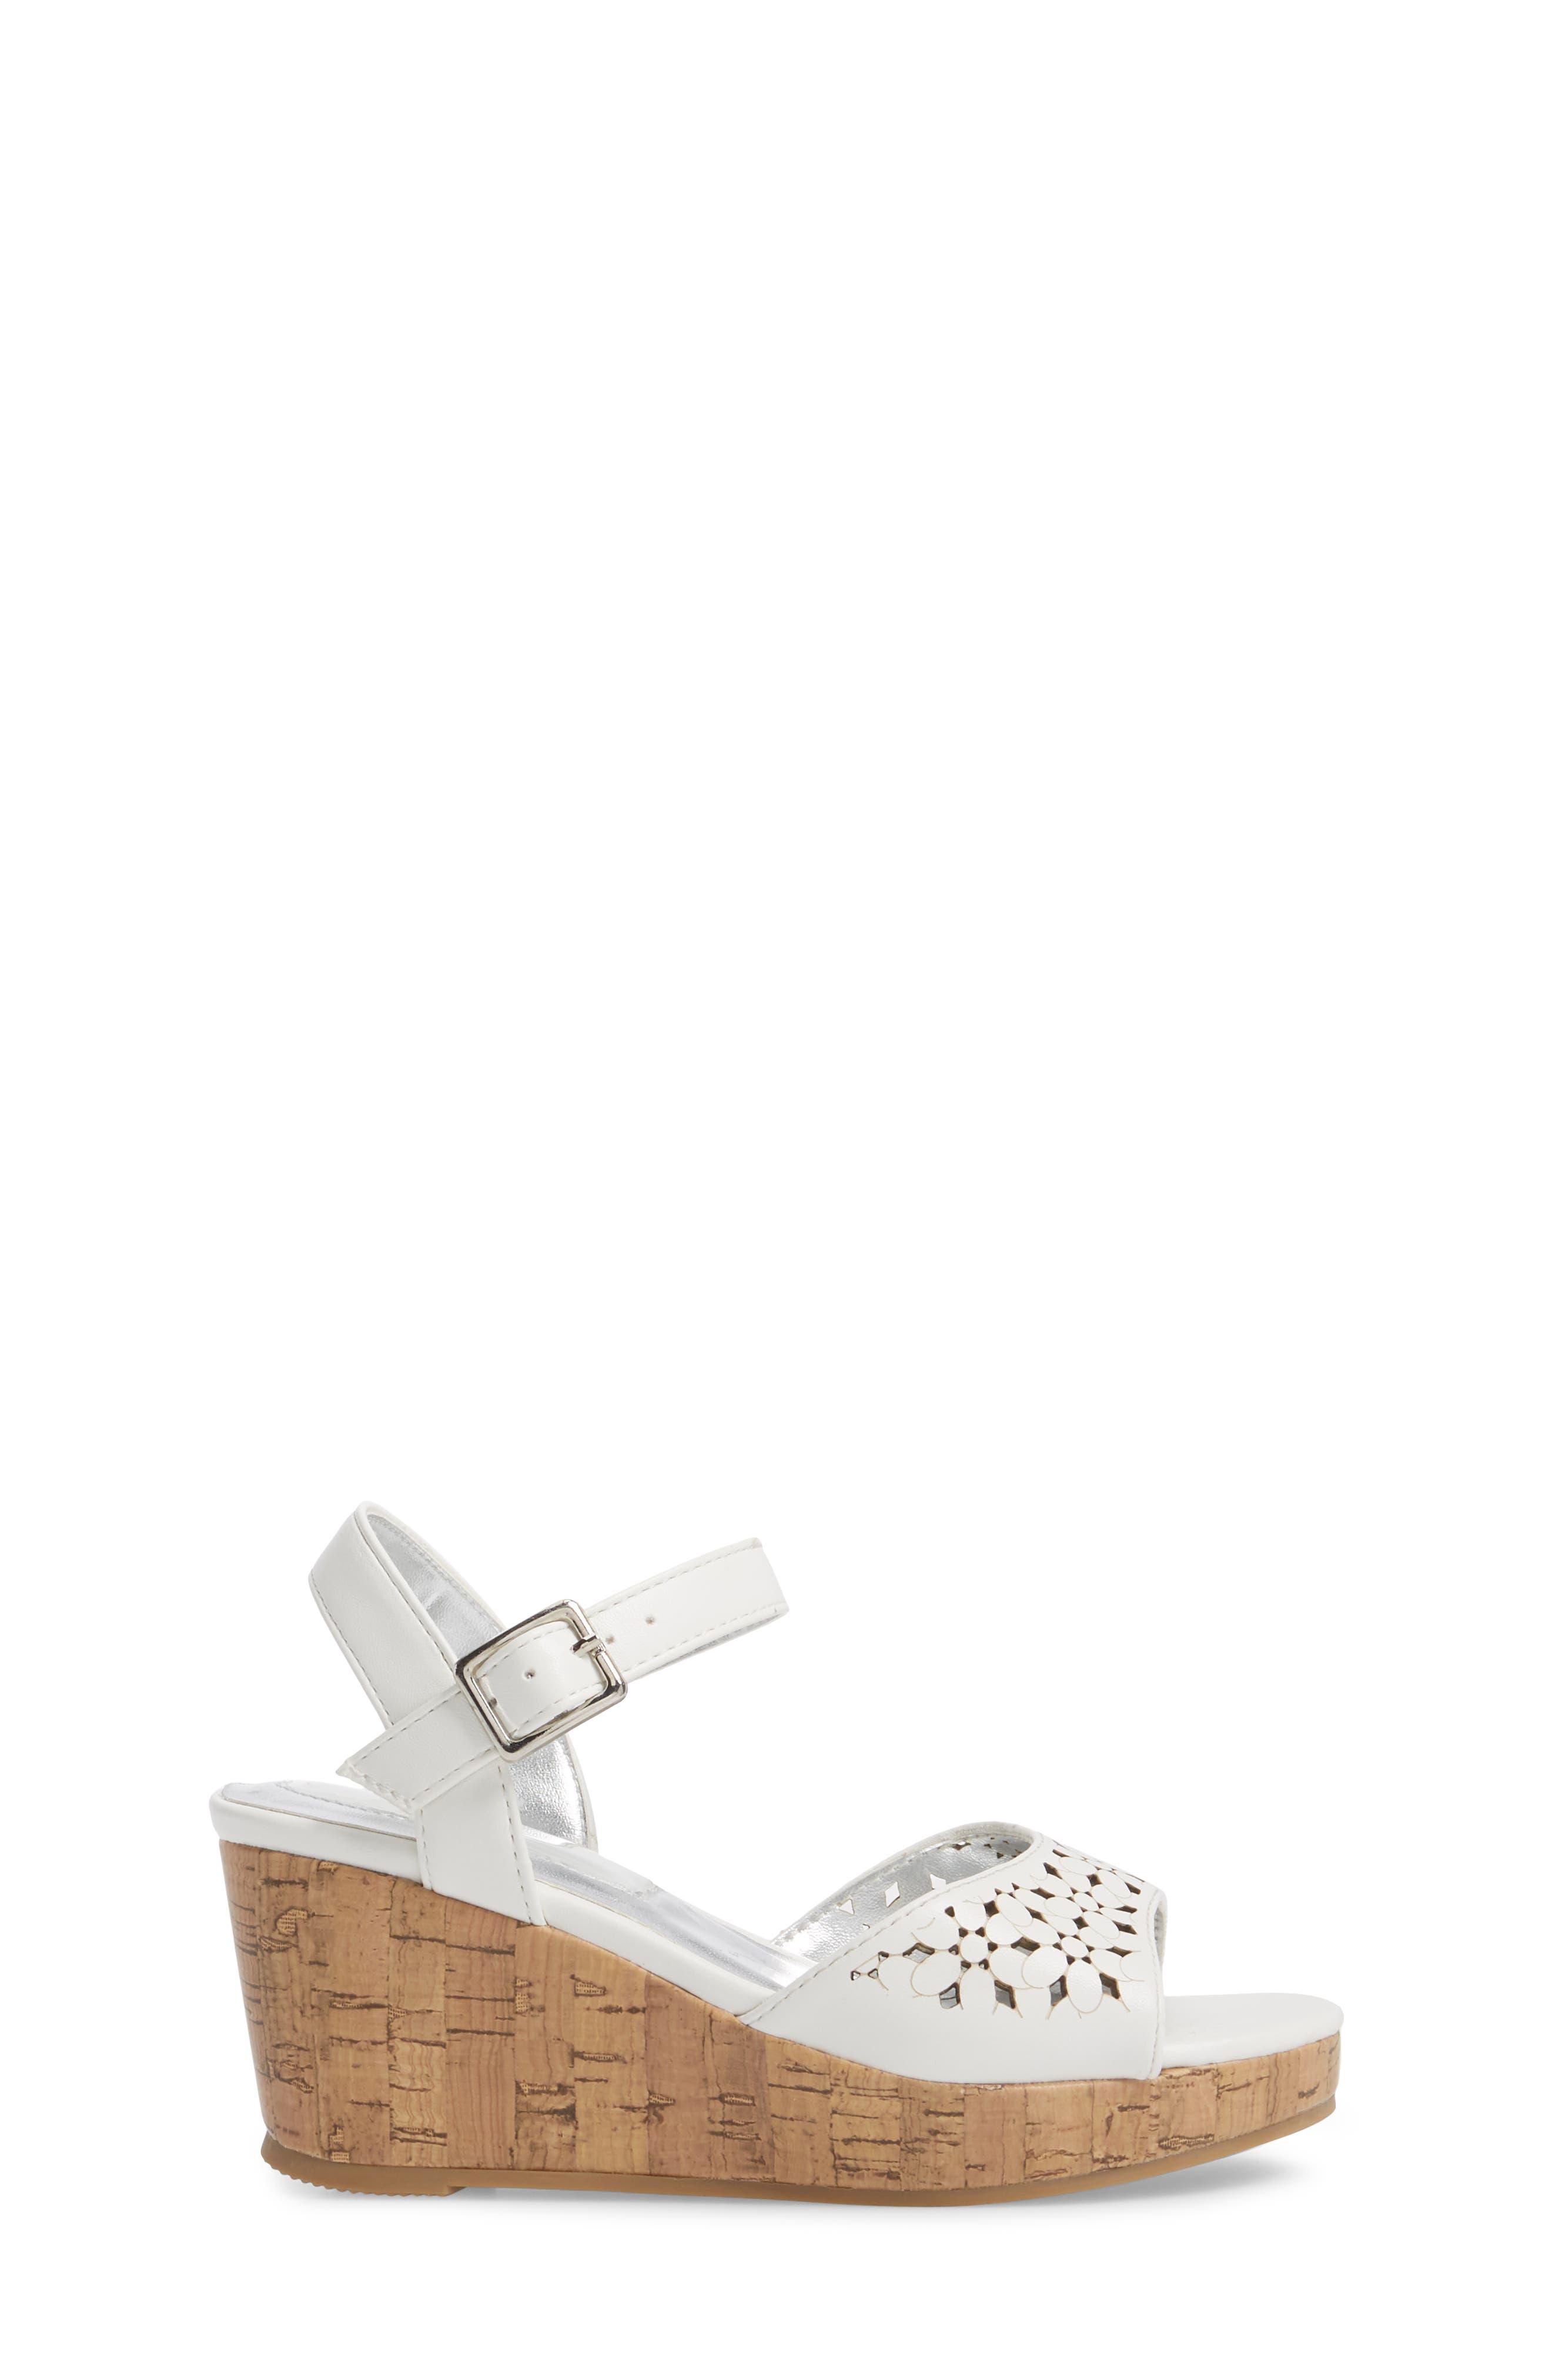 Corrine Flower Wedge Sandal,                             Alternate thumbnail 3, color,                             White